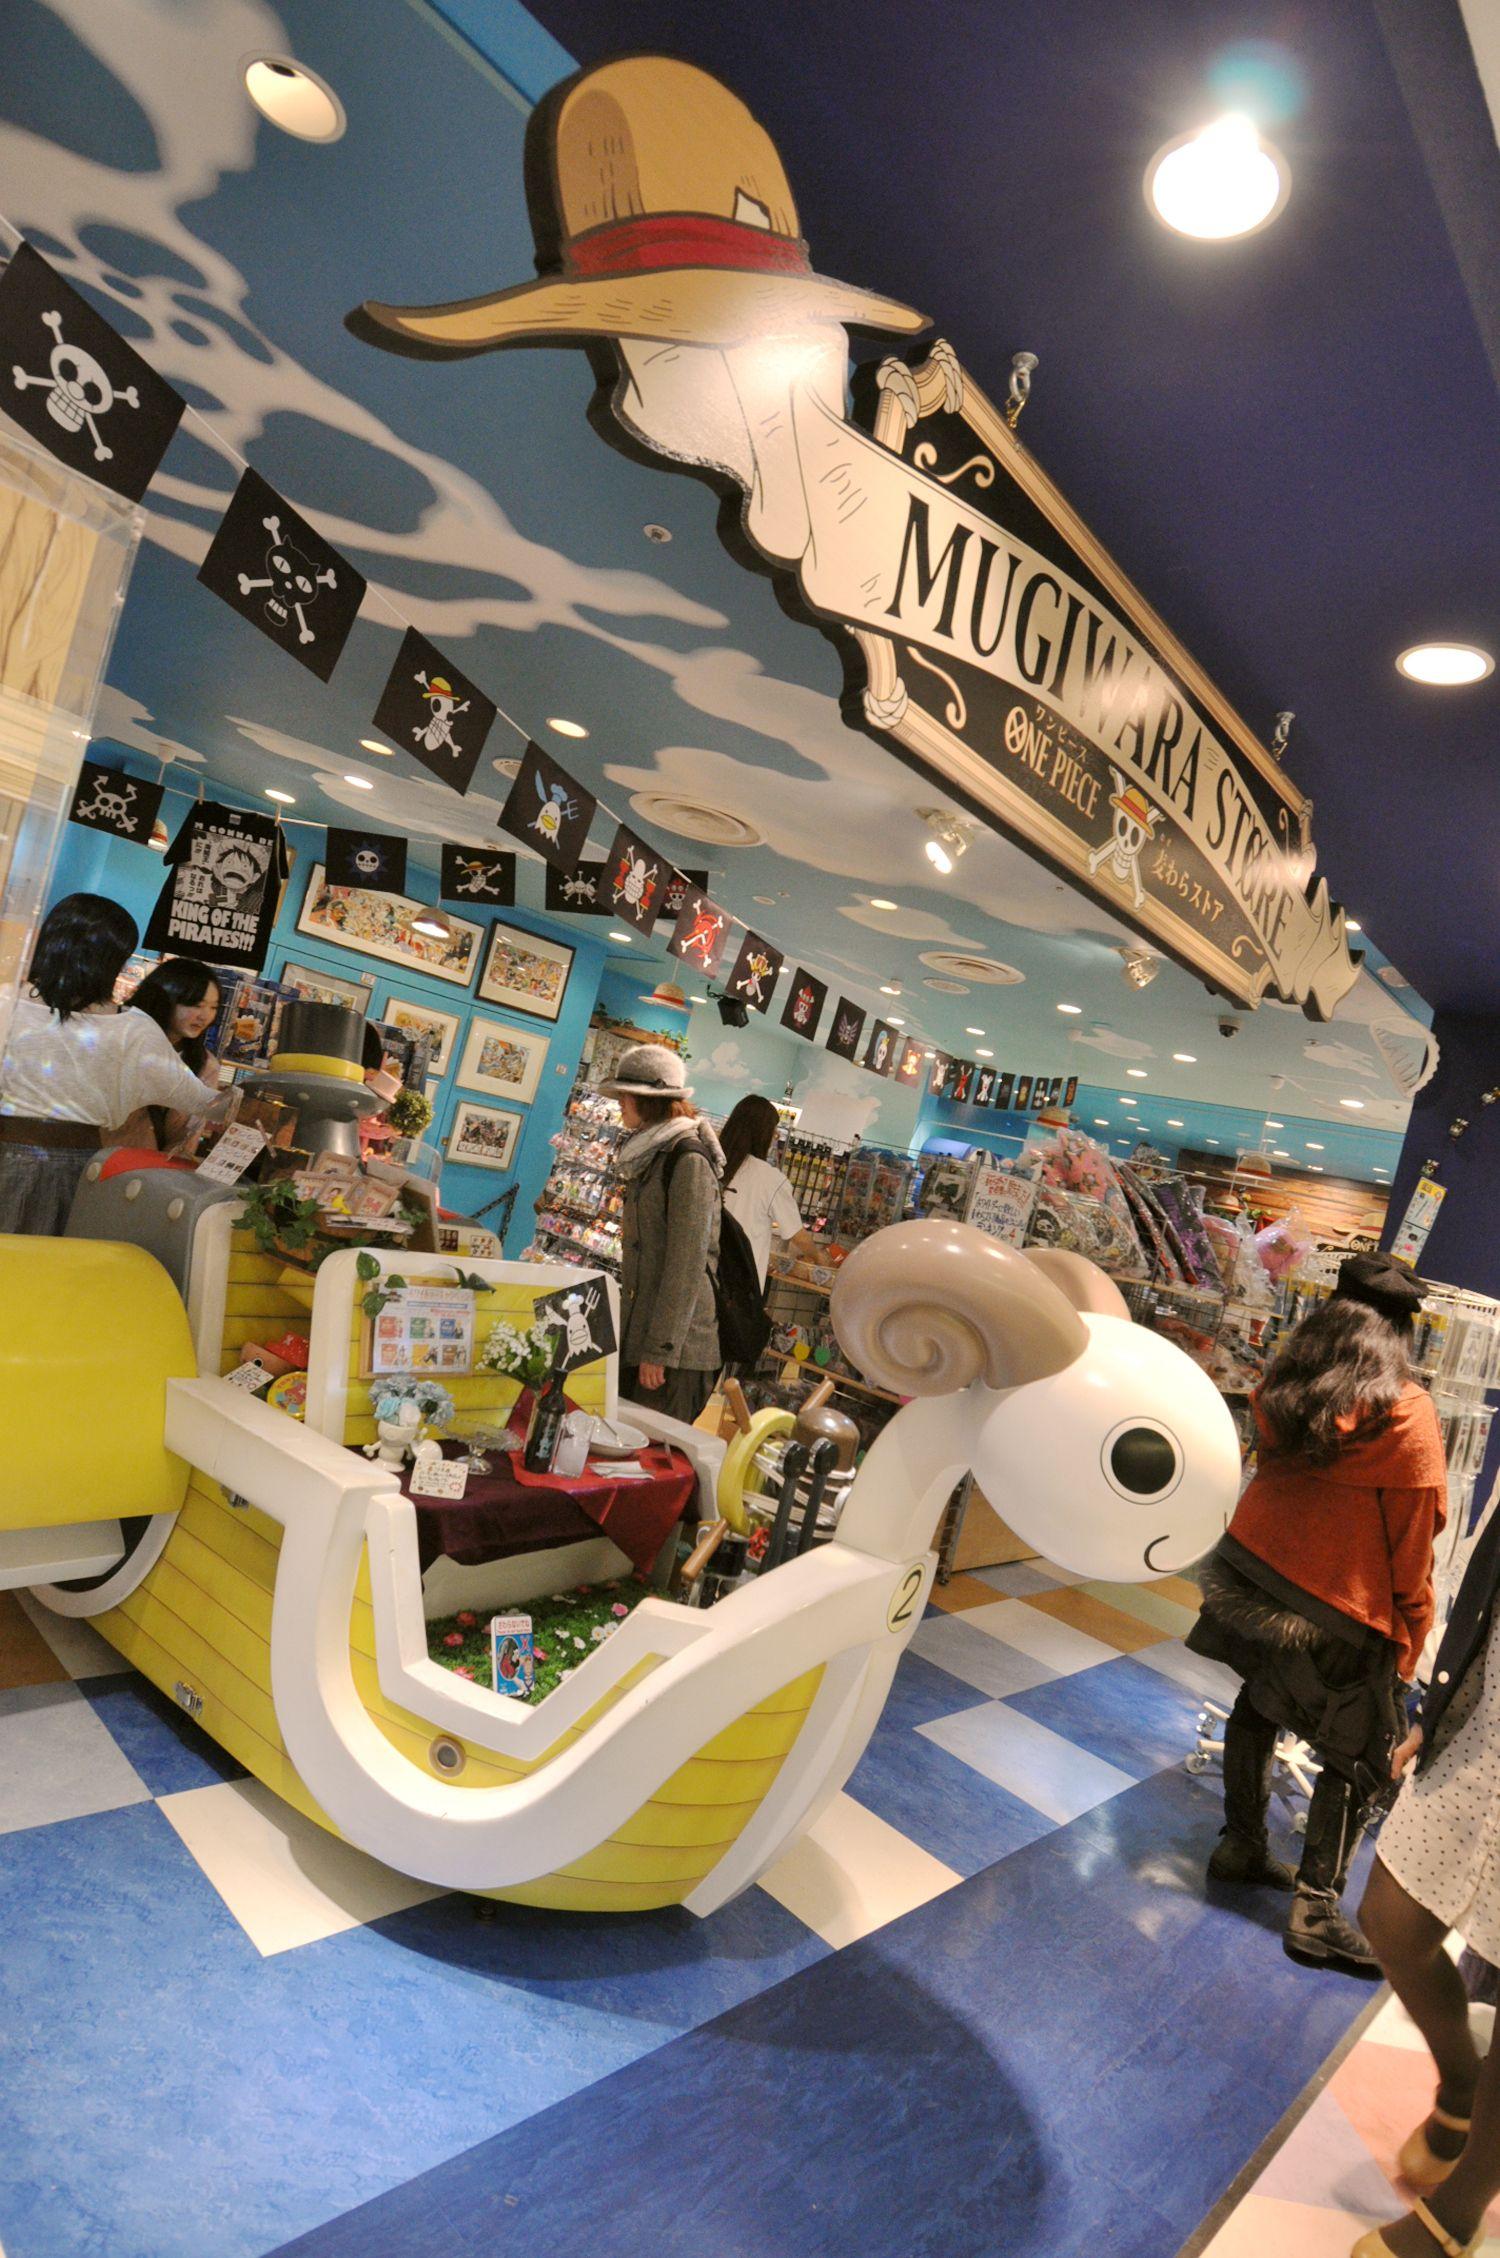 Mugiwara ONE PIECE Store @ Shibuya Parco | Otaku Japan Lover Me